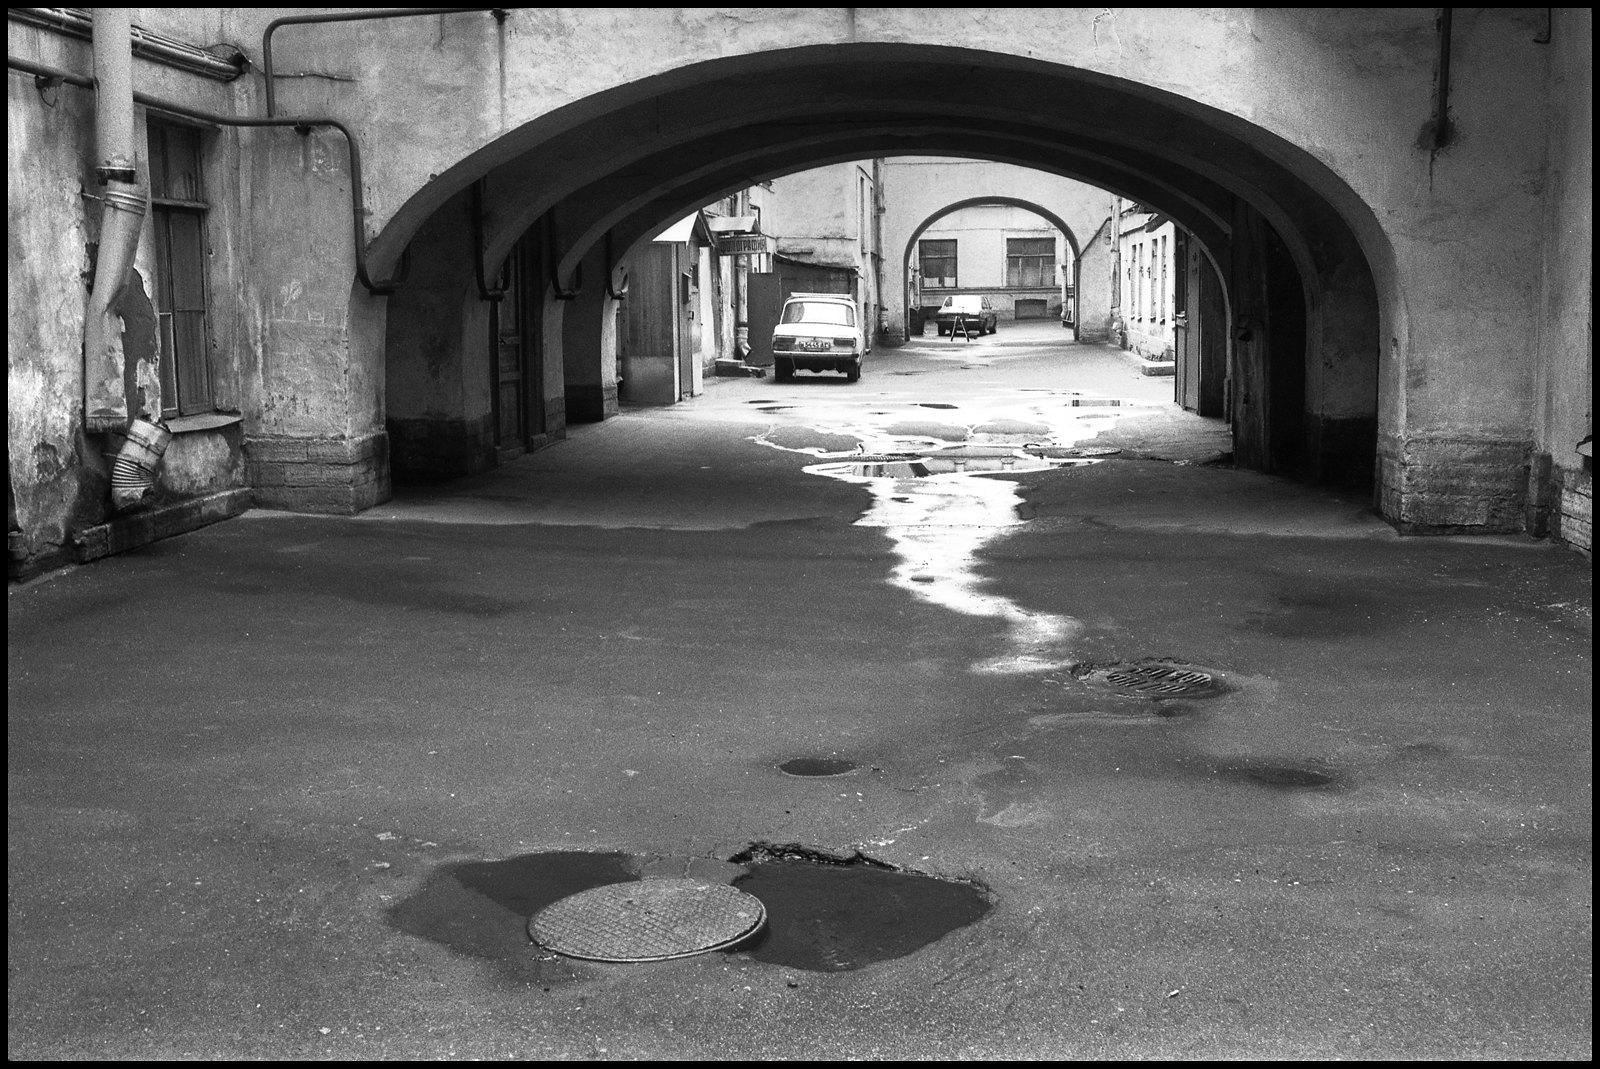 Дворы на Галерной. Проходной двор с арками и машины.